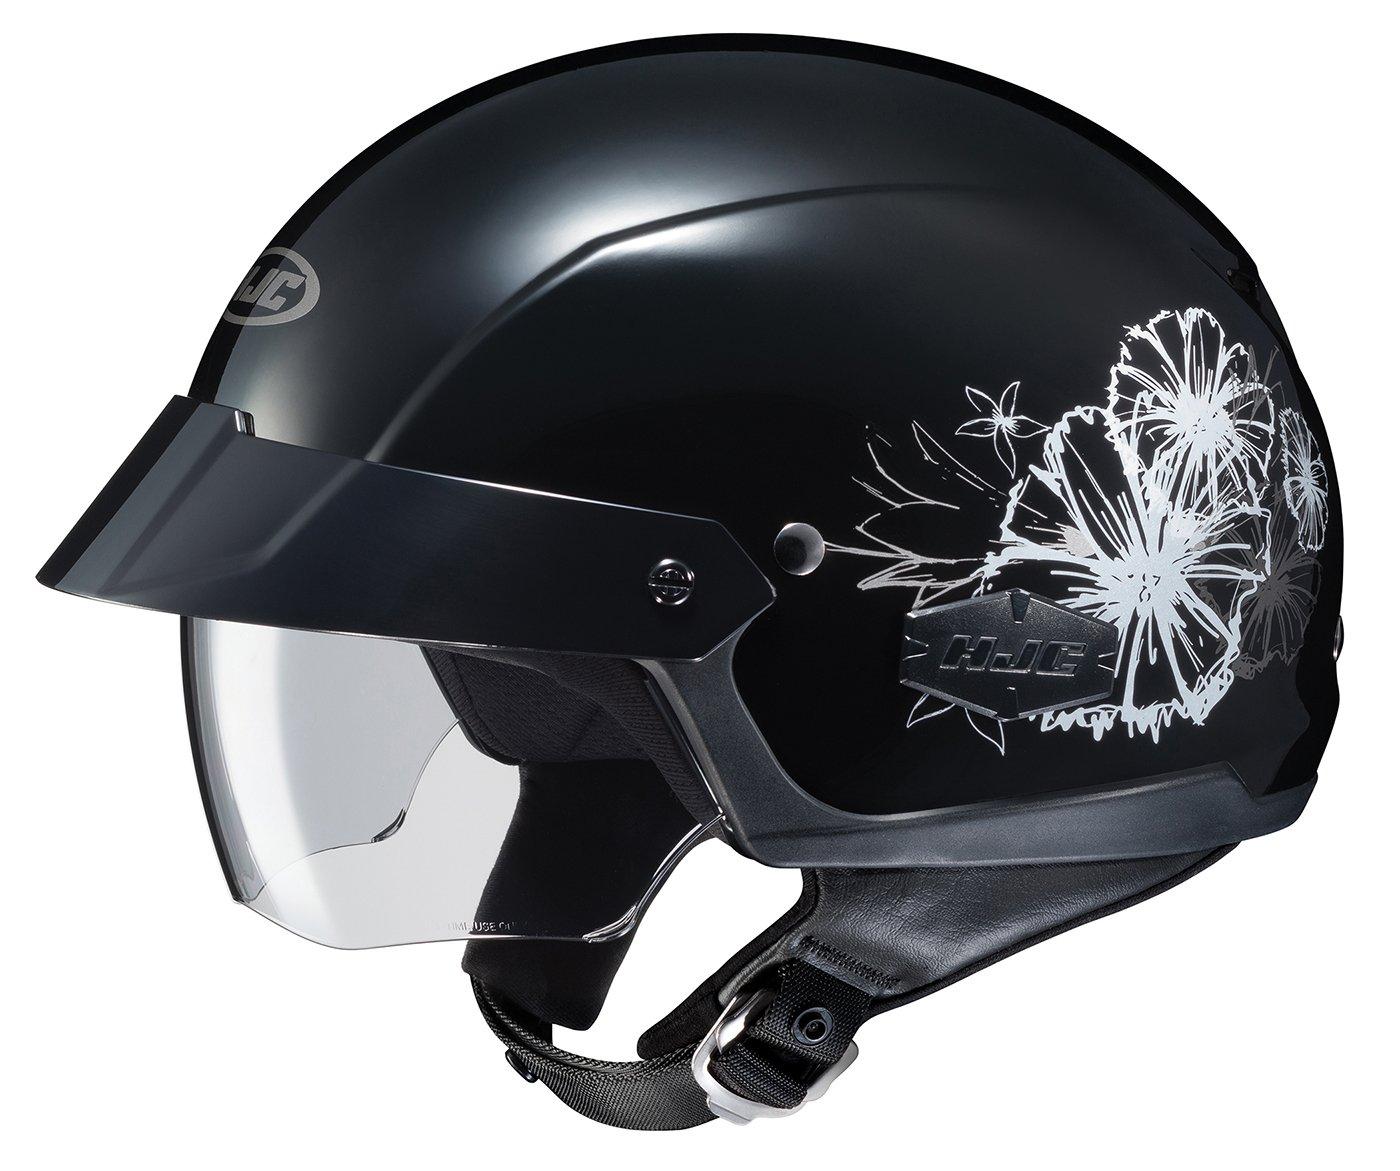 Black//White, Medium 490-953 HJC Helmets MC-5 Unisex-Adult Half-Size IS-Cruiser Blush Helmet